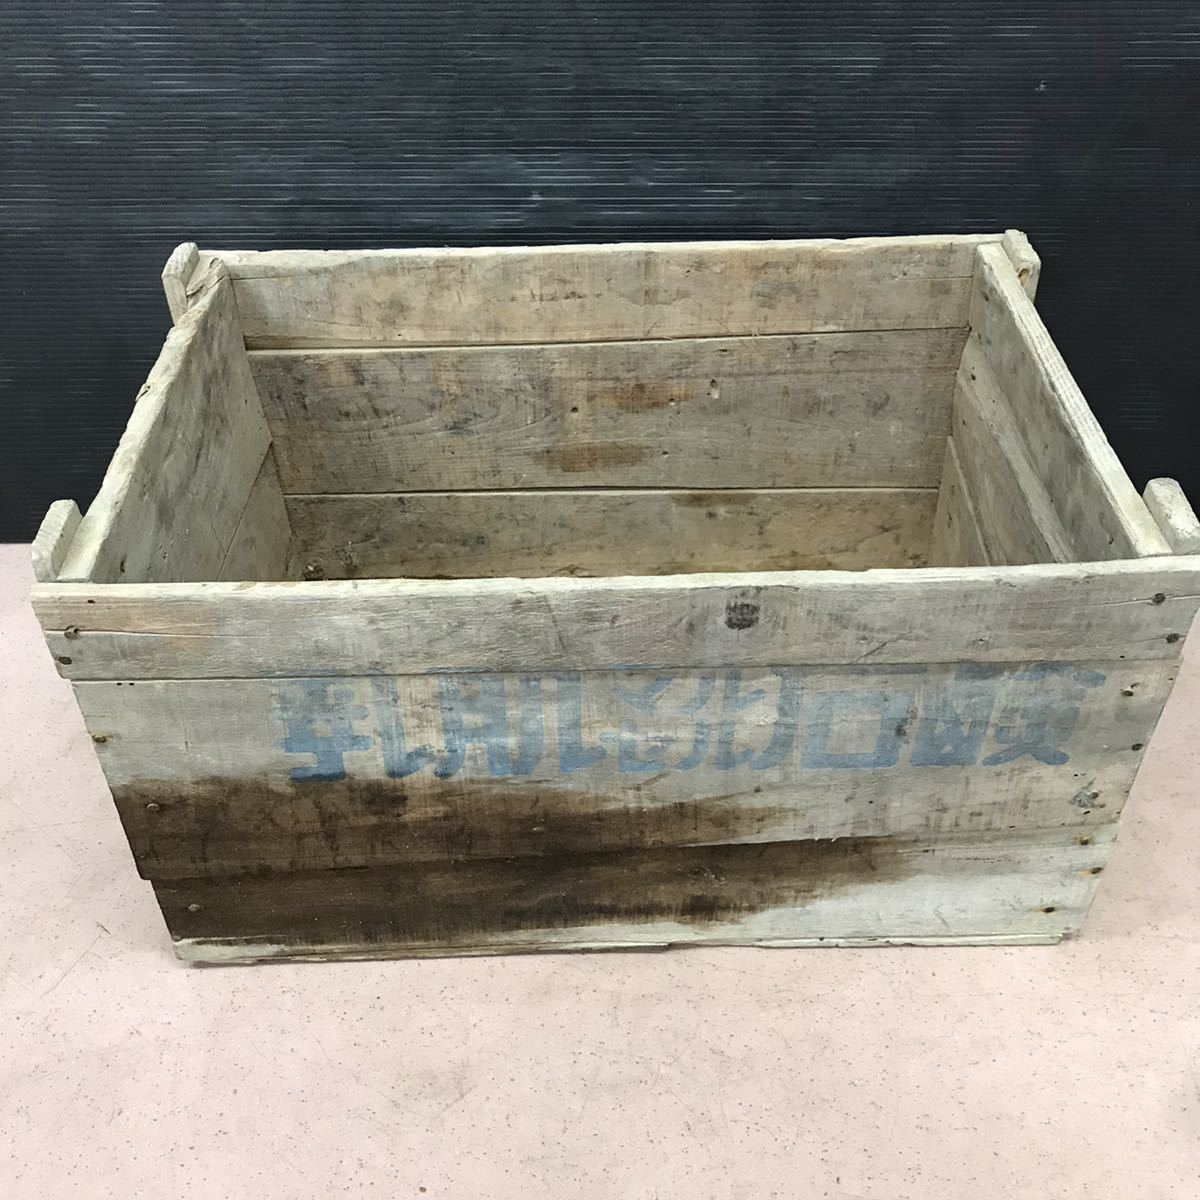 昭和レトロ 木箱 アンティーク ビンテージ ディスプレイ 古民家 ②_画像3